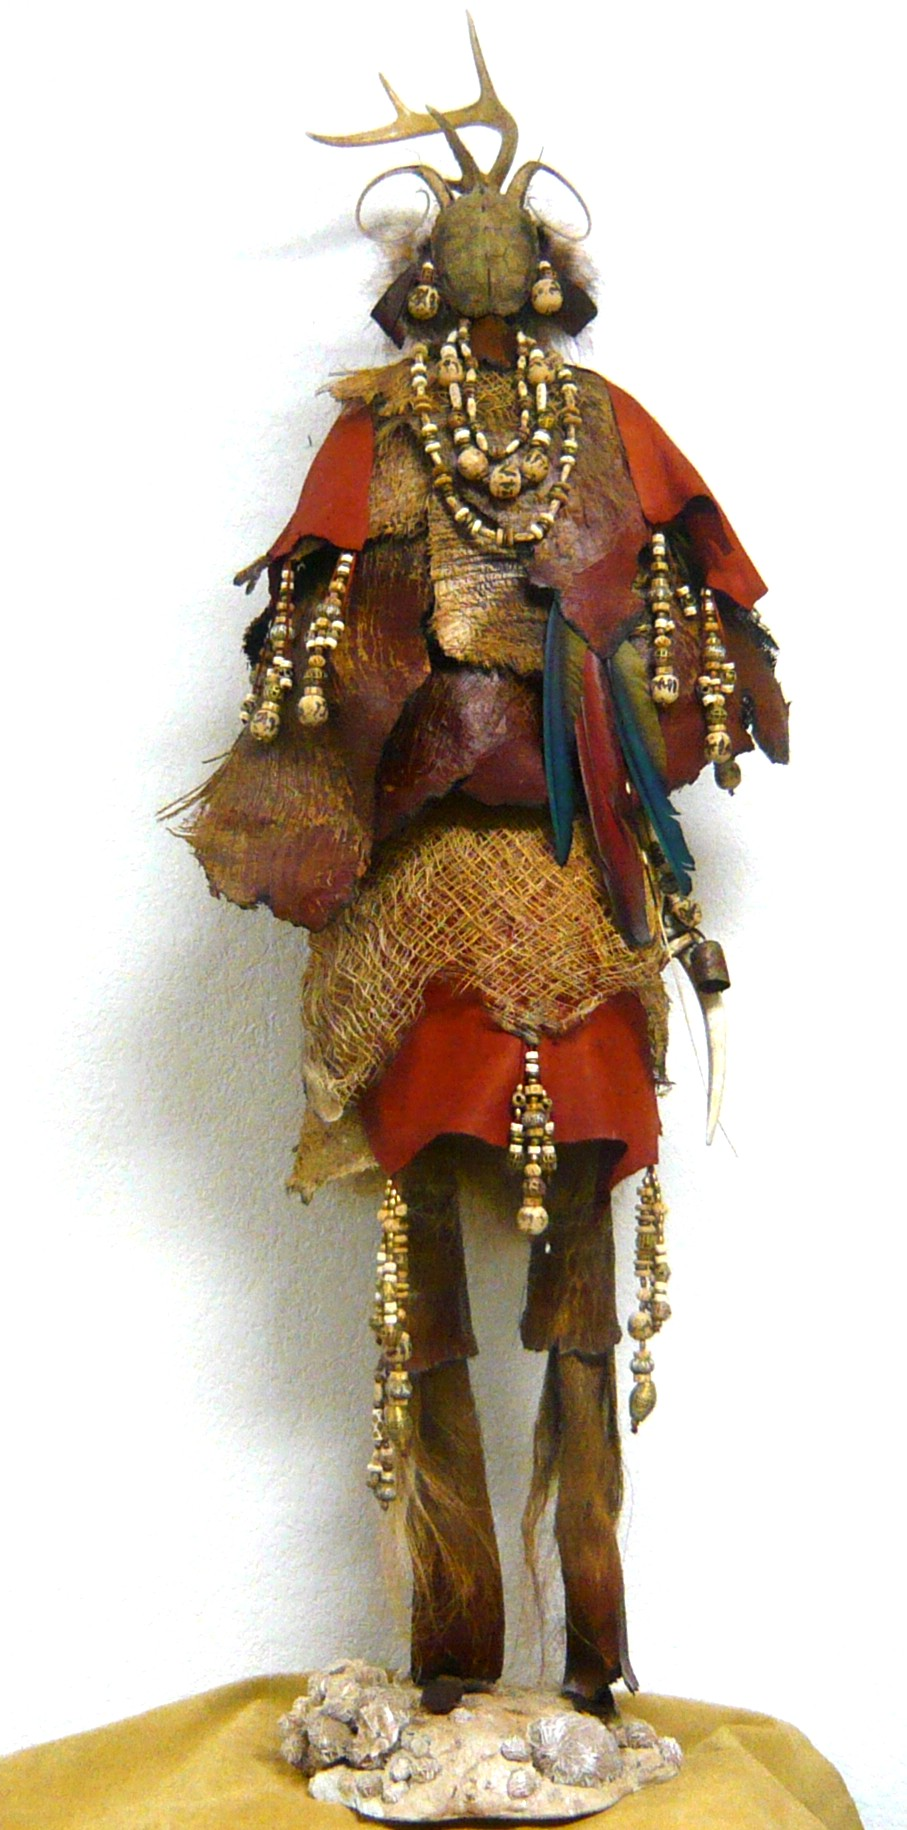 Quezo, Philonese Baisden, Rogoway Turquoise Tortoise Gallery